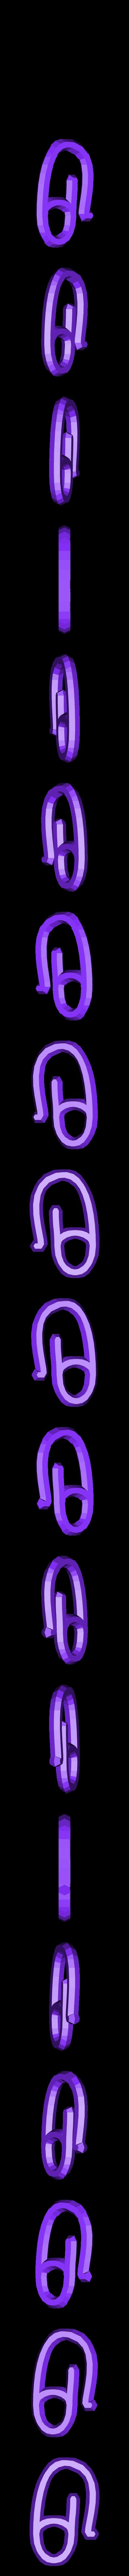 E74a6d40 f96a 4431 9e85 f9ac556d02b3